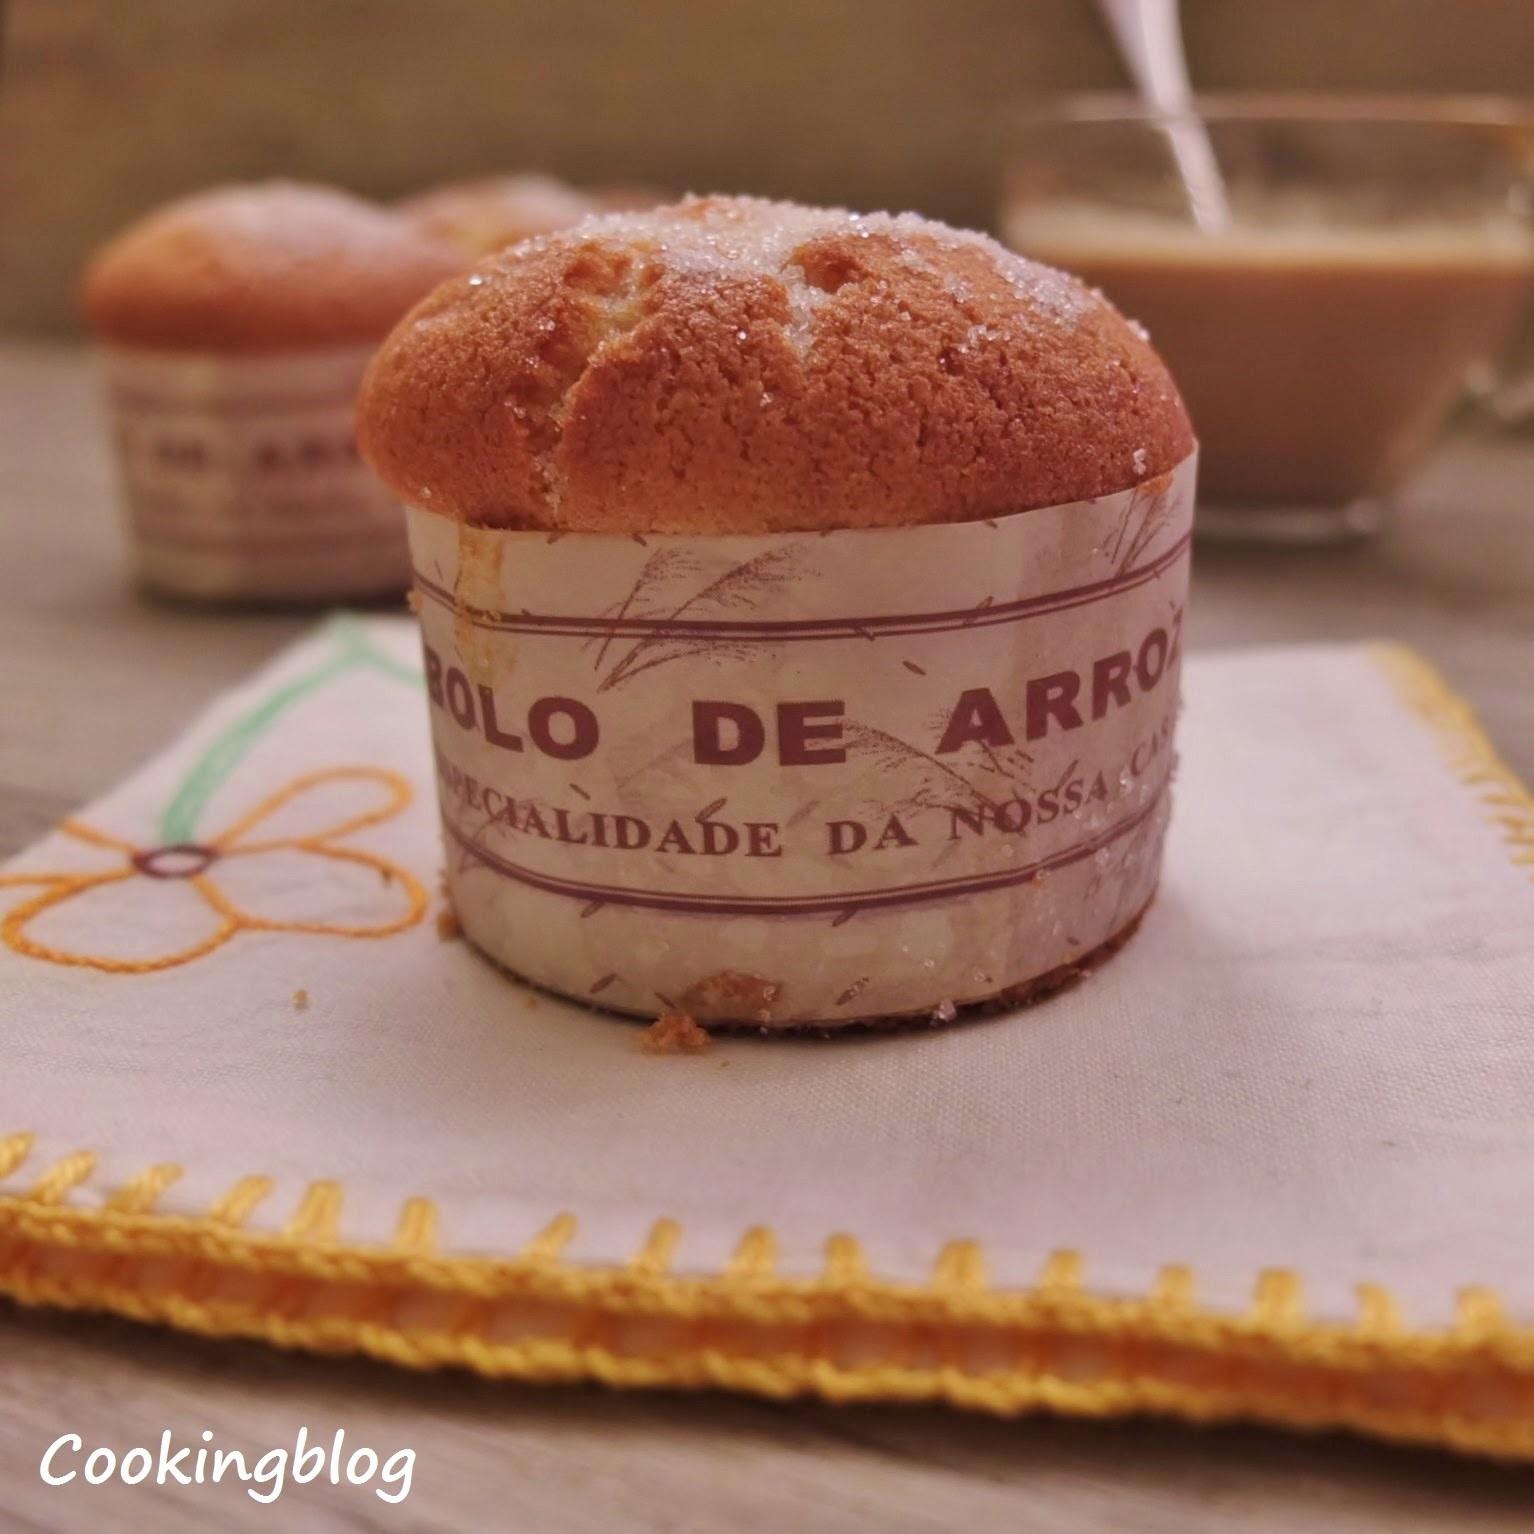 Bolos de arroz | Portuguese Rice Muffins